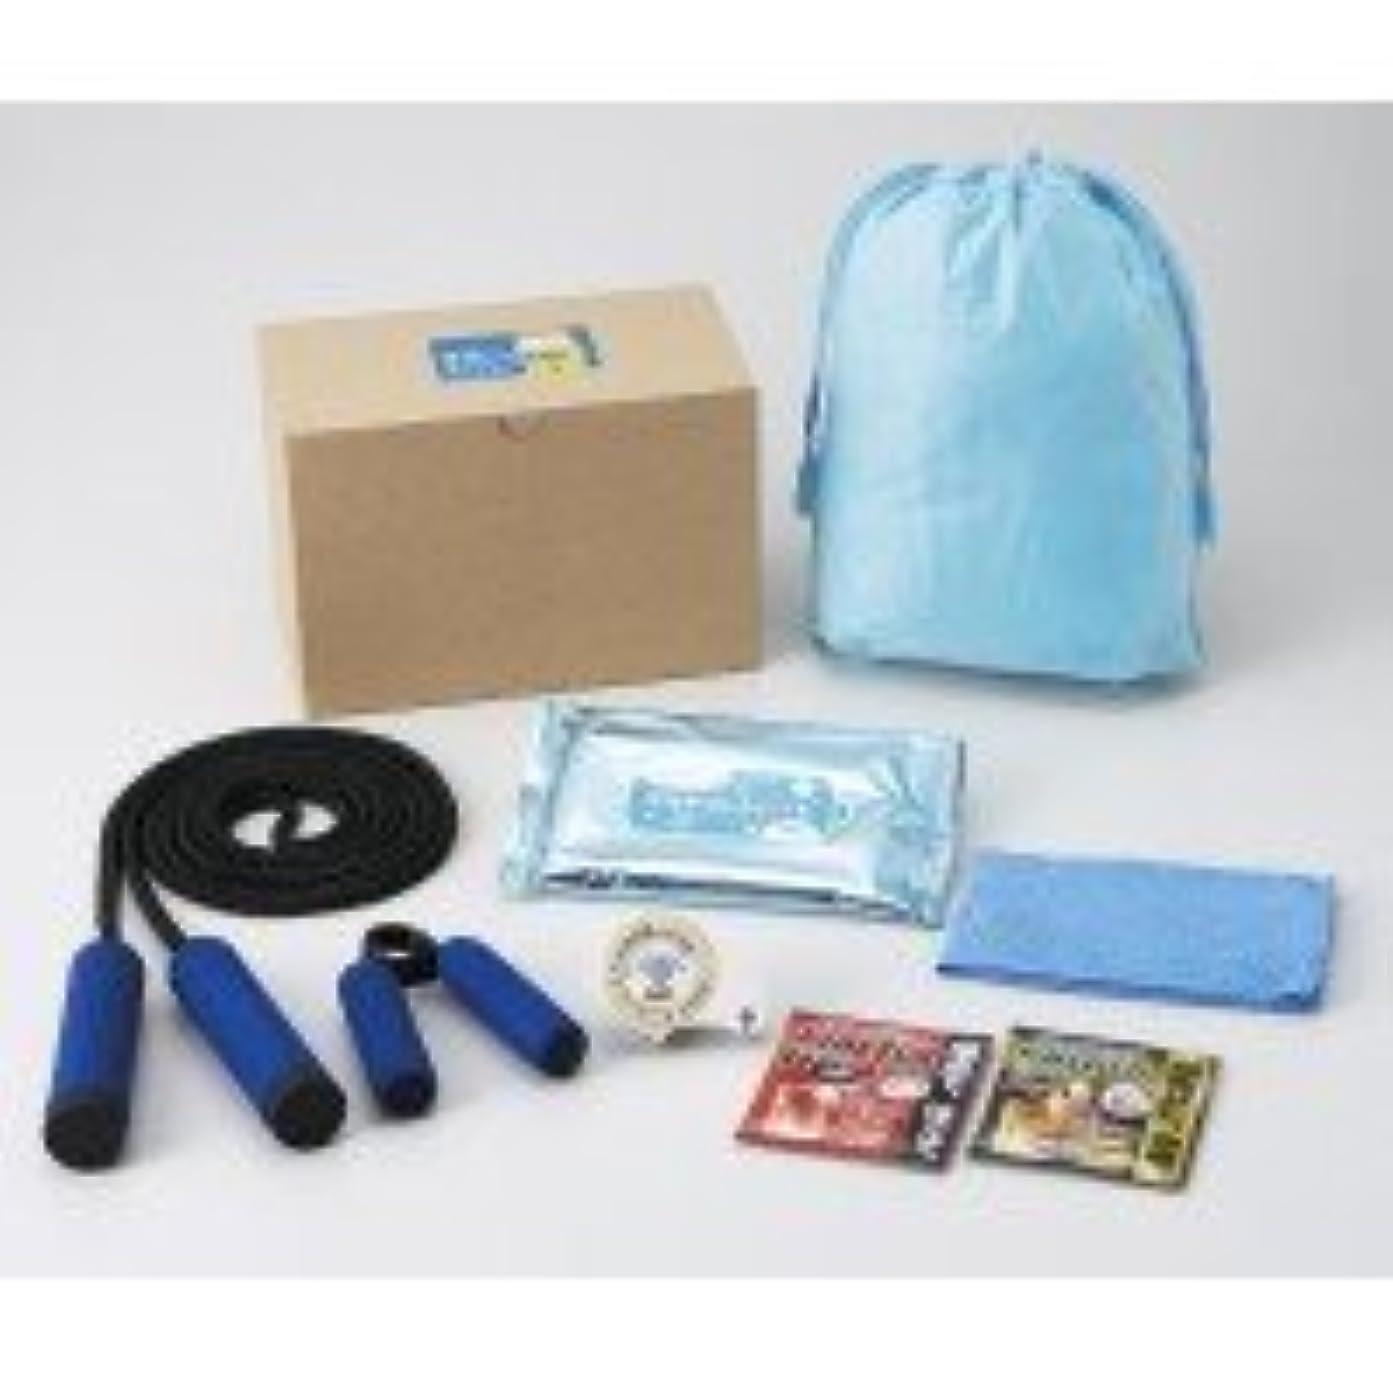 有毒しみボンド健康エクササイズ ボディケアセット304 55-304